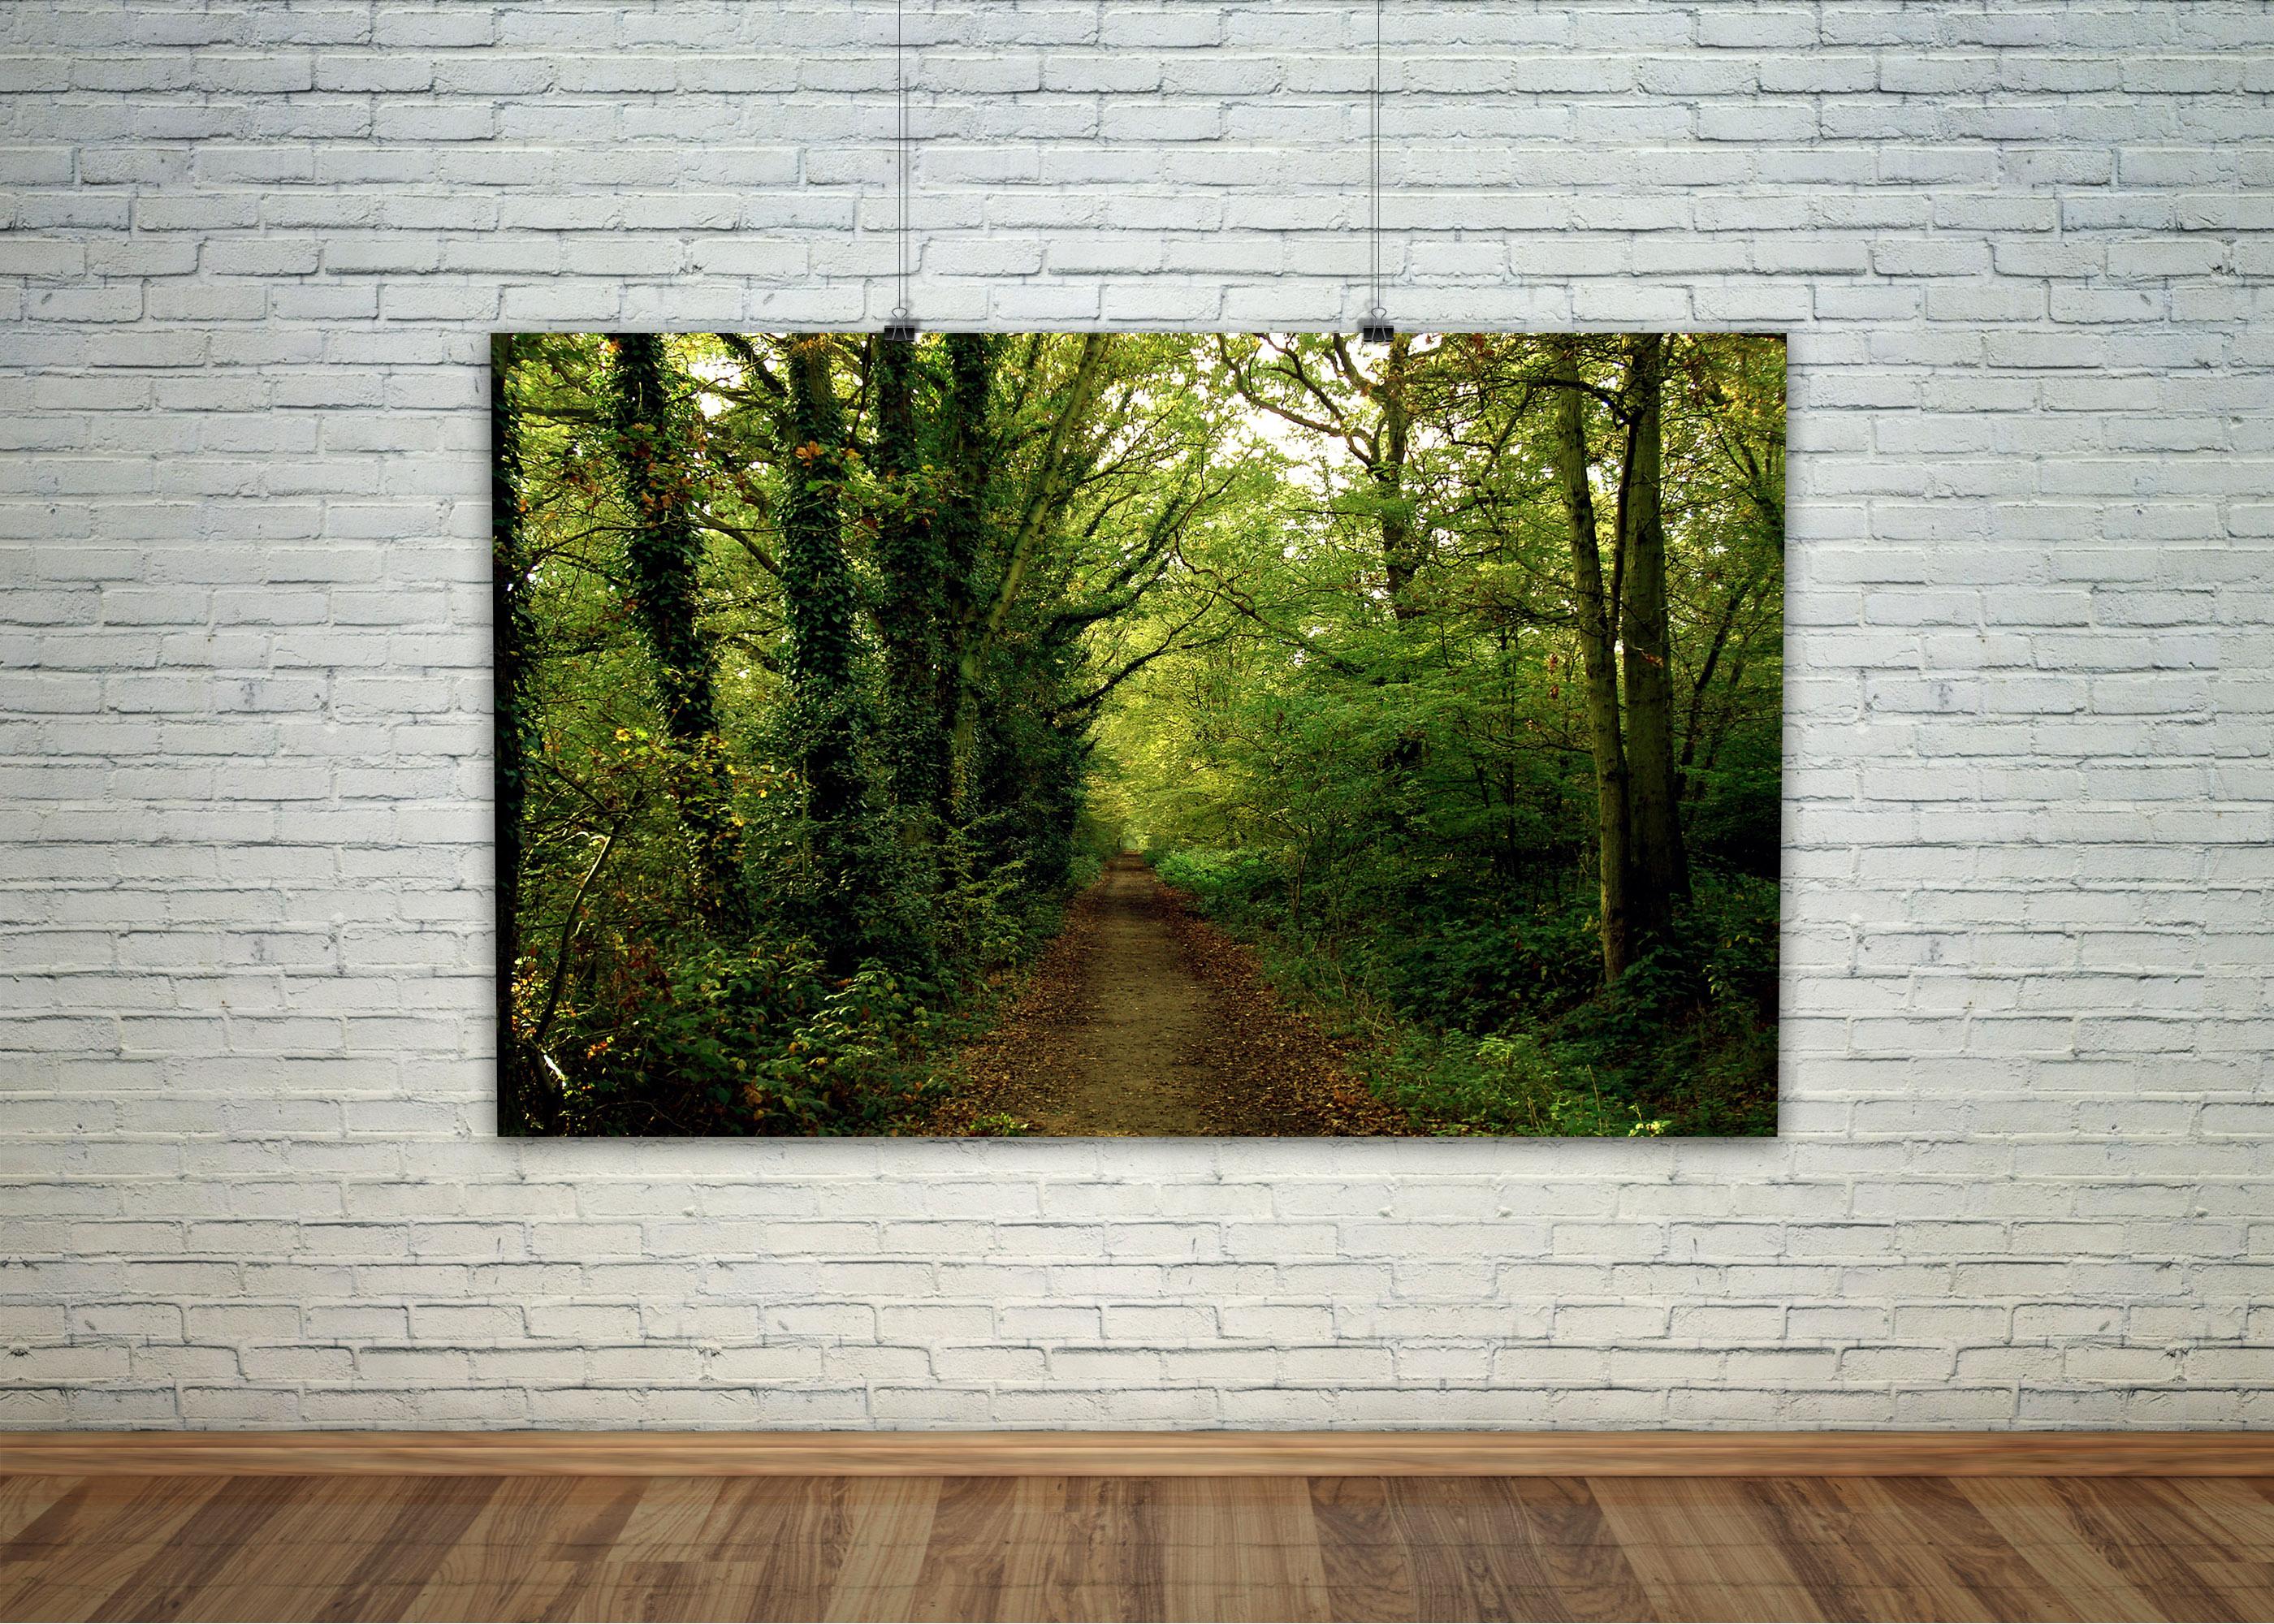 постер лес природа зеоеный купить интернет-магазин